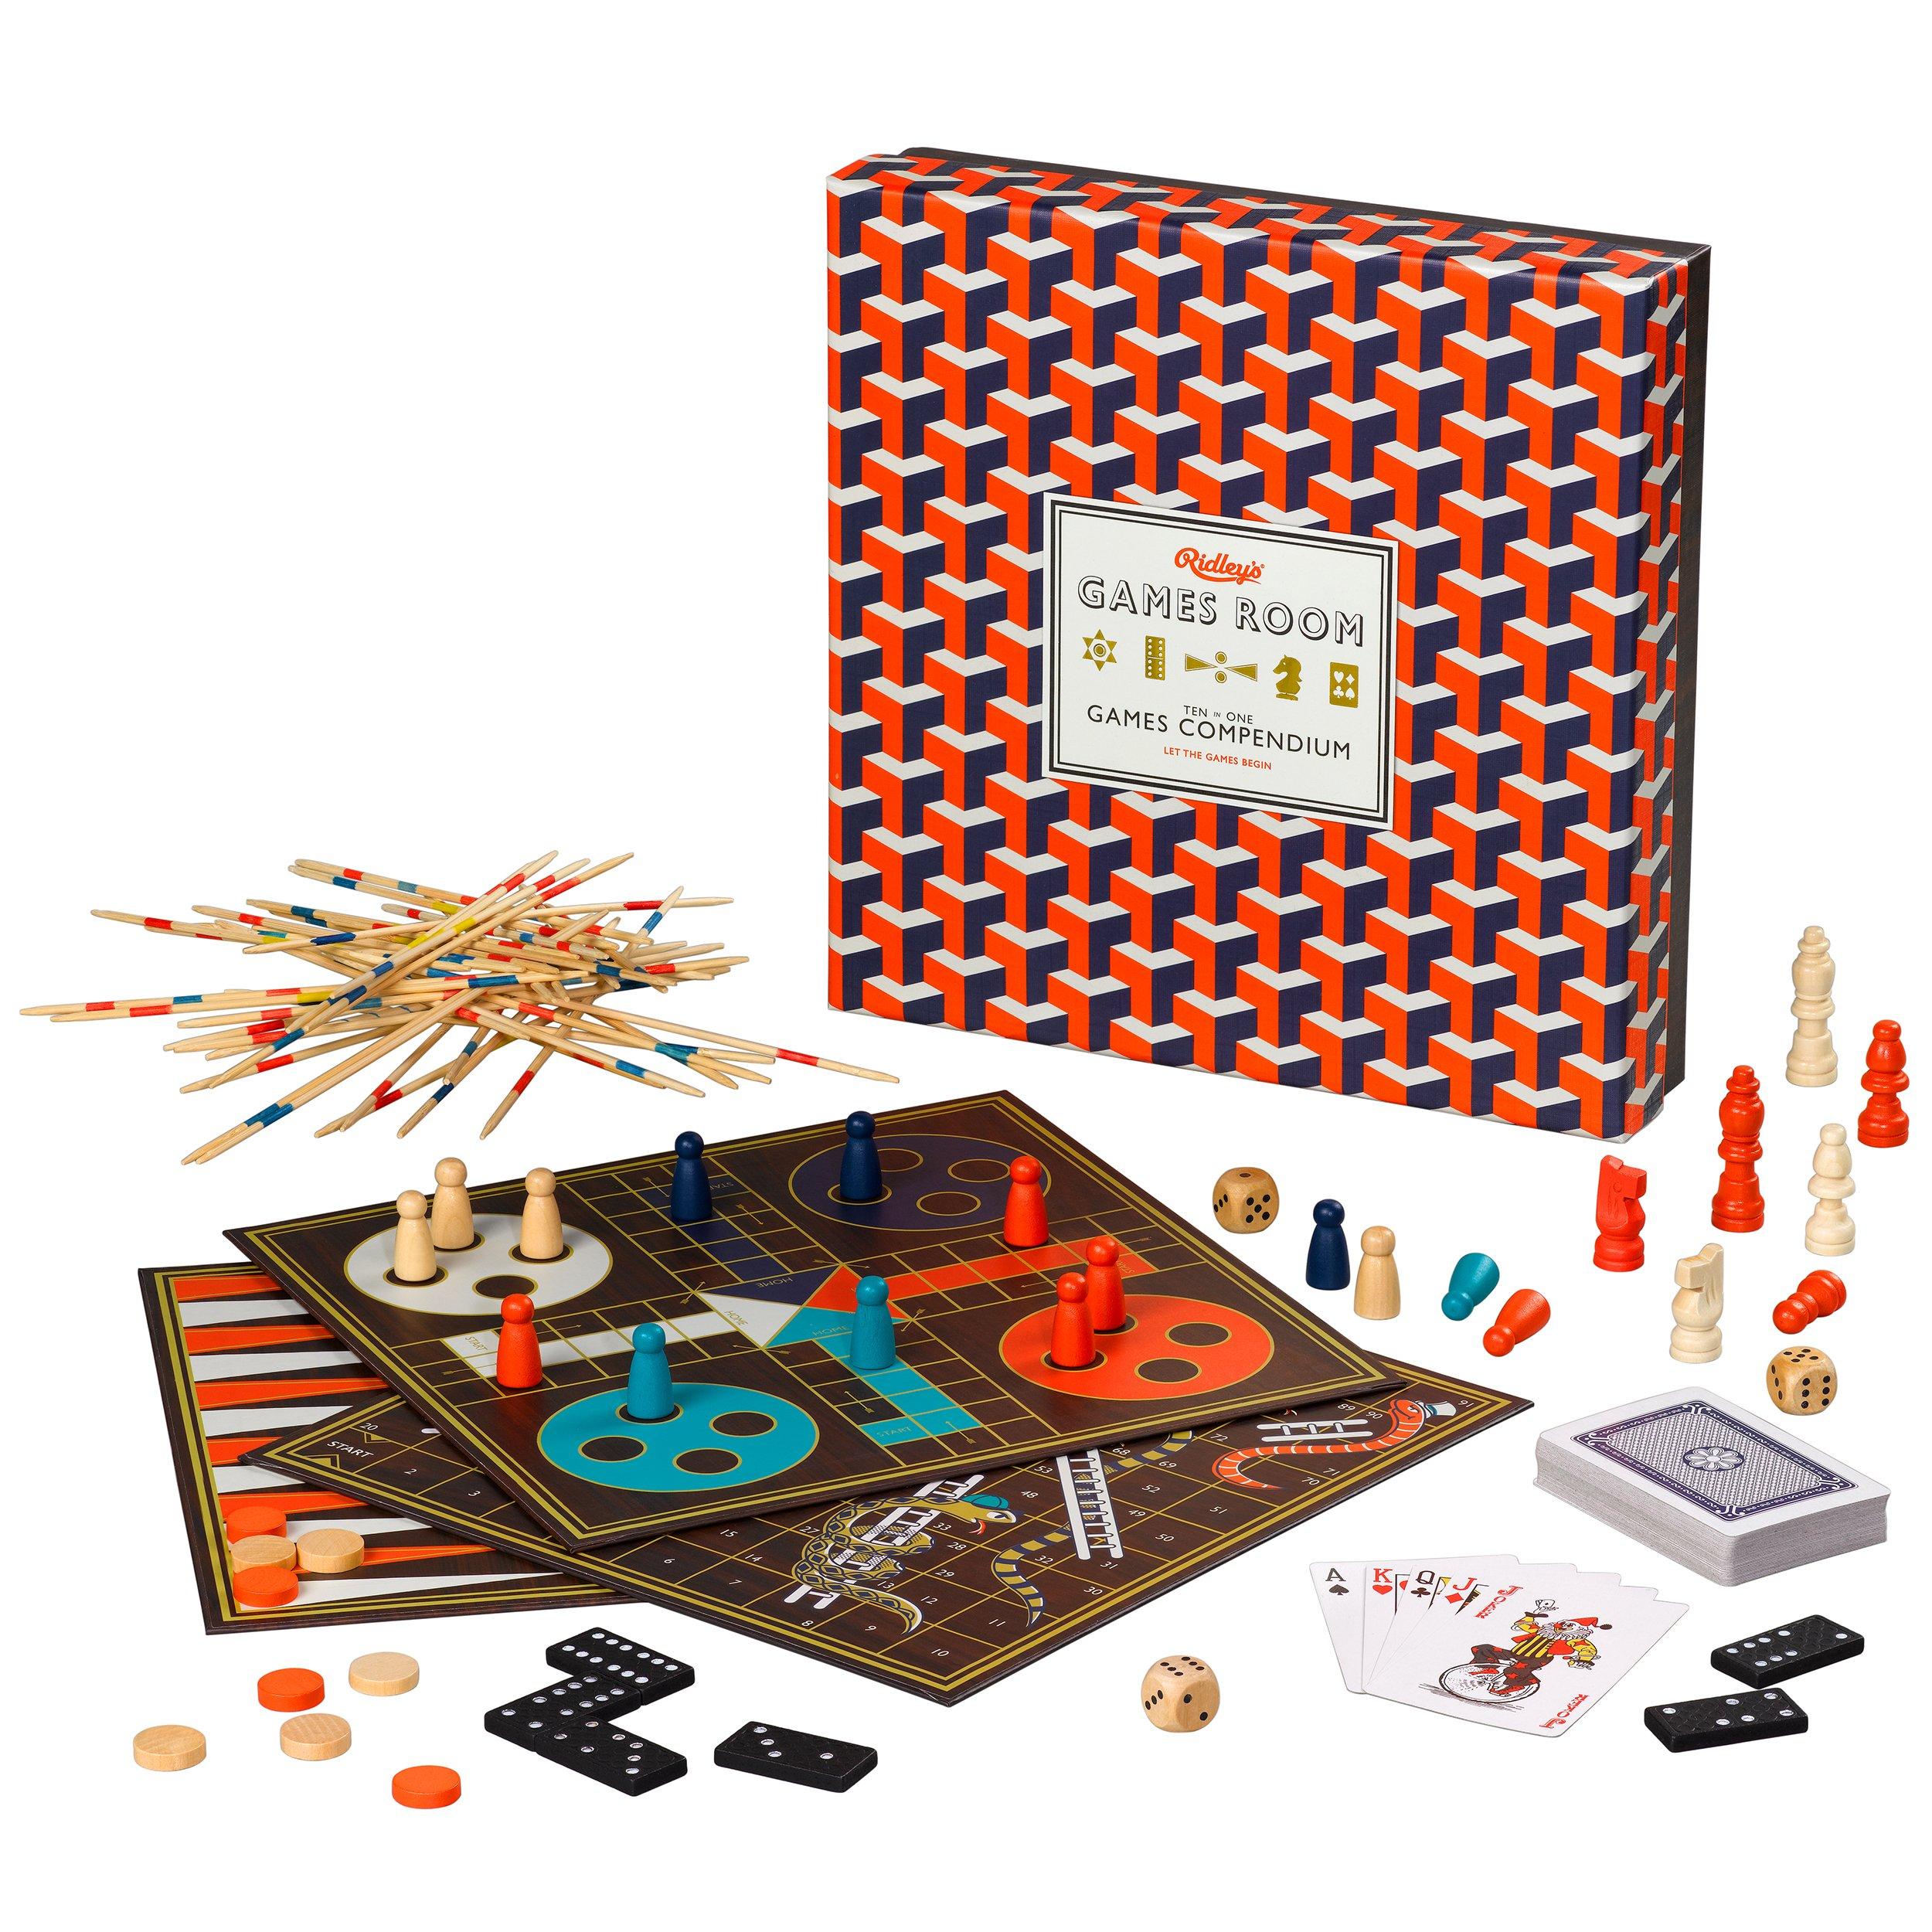 Ridleys Games Room | Compendium de Juegos | Diez Juegos Populares en uno: Amazon.es: Juguetes y juegos